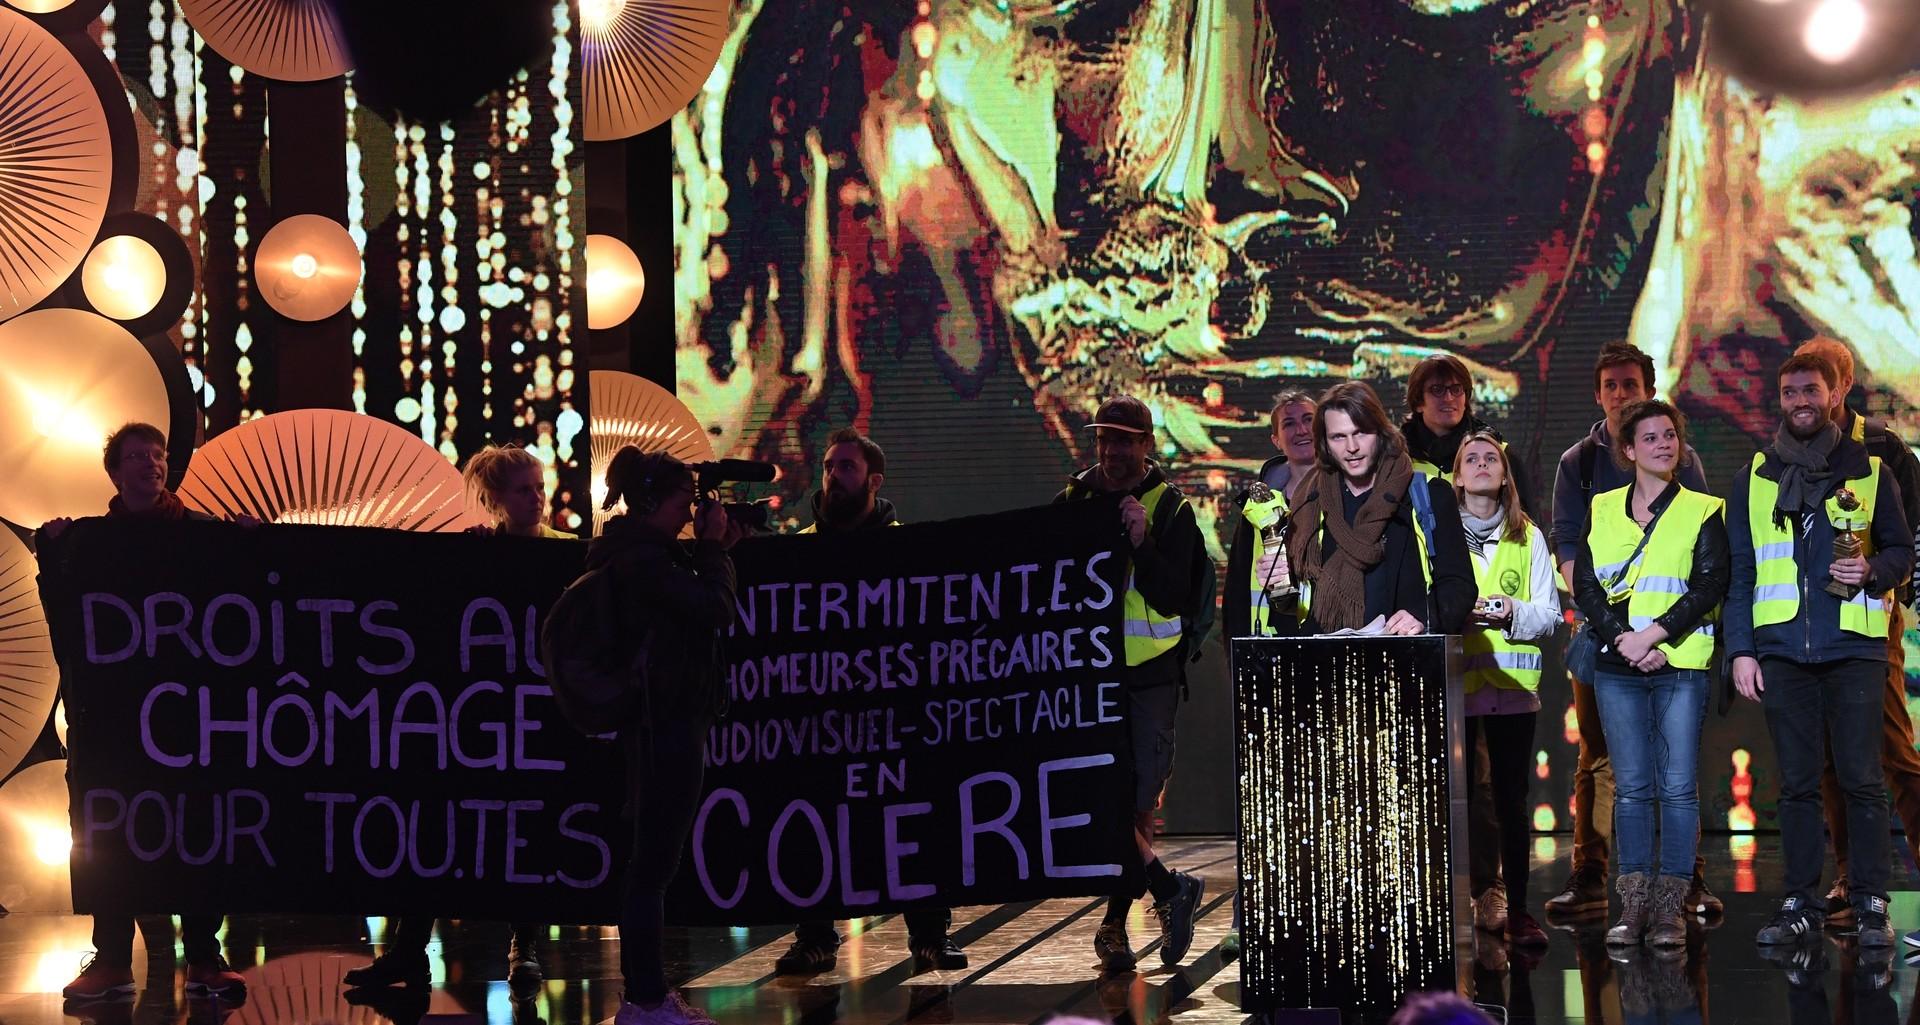 «Droits au chômage pour tou.te.s» : des Gilets jaunes perturbent la cérémonie des Molières (IMAGES)